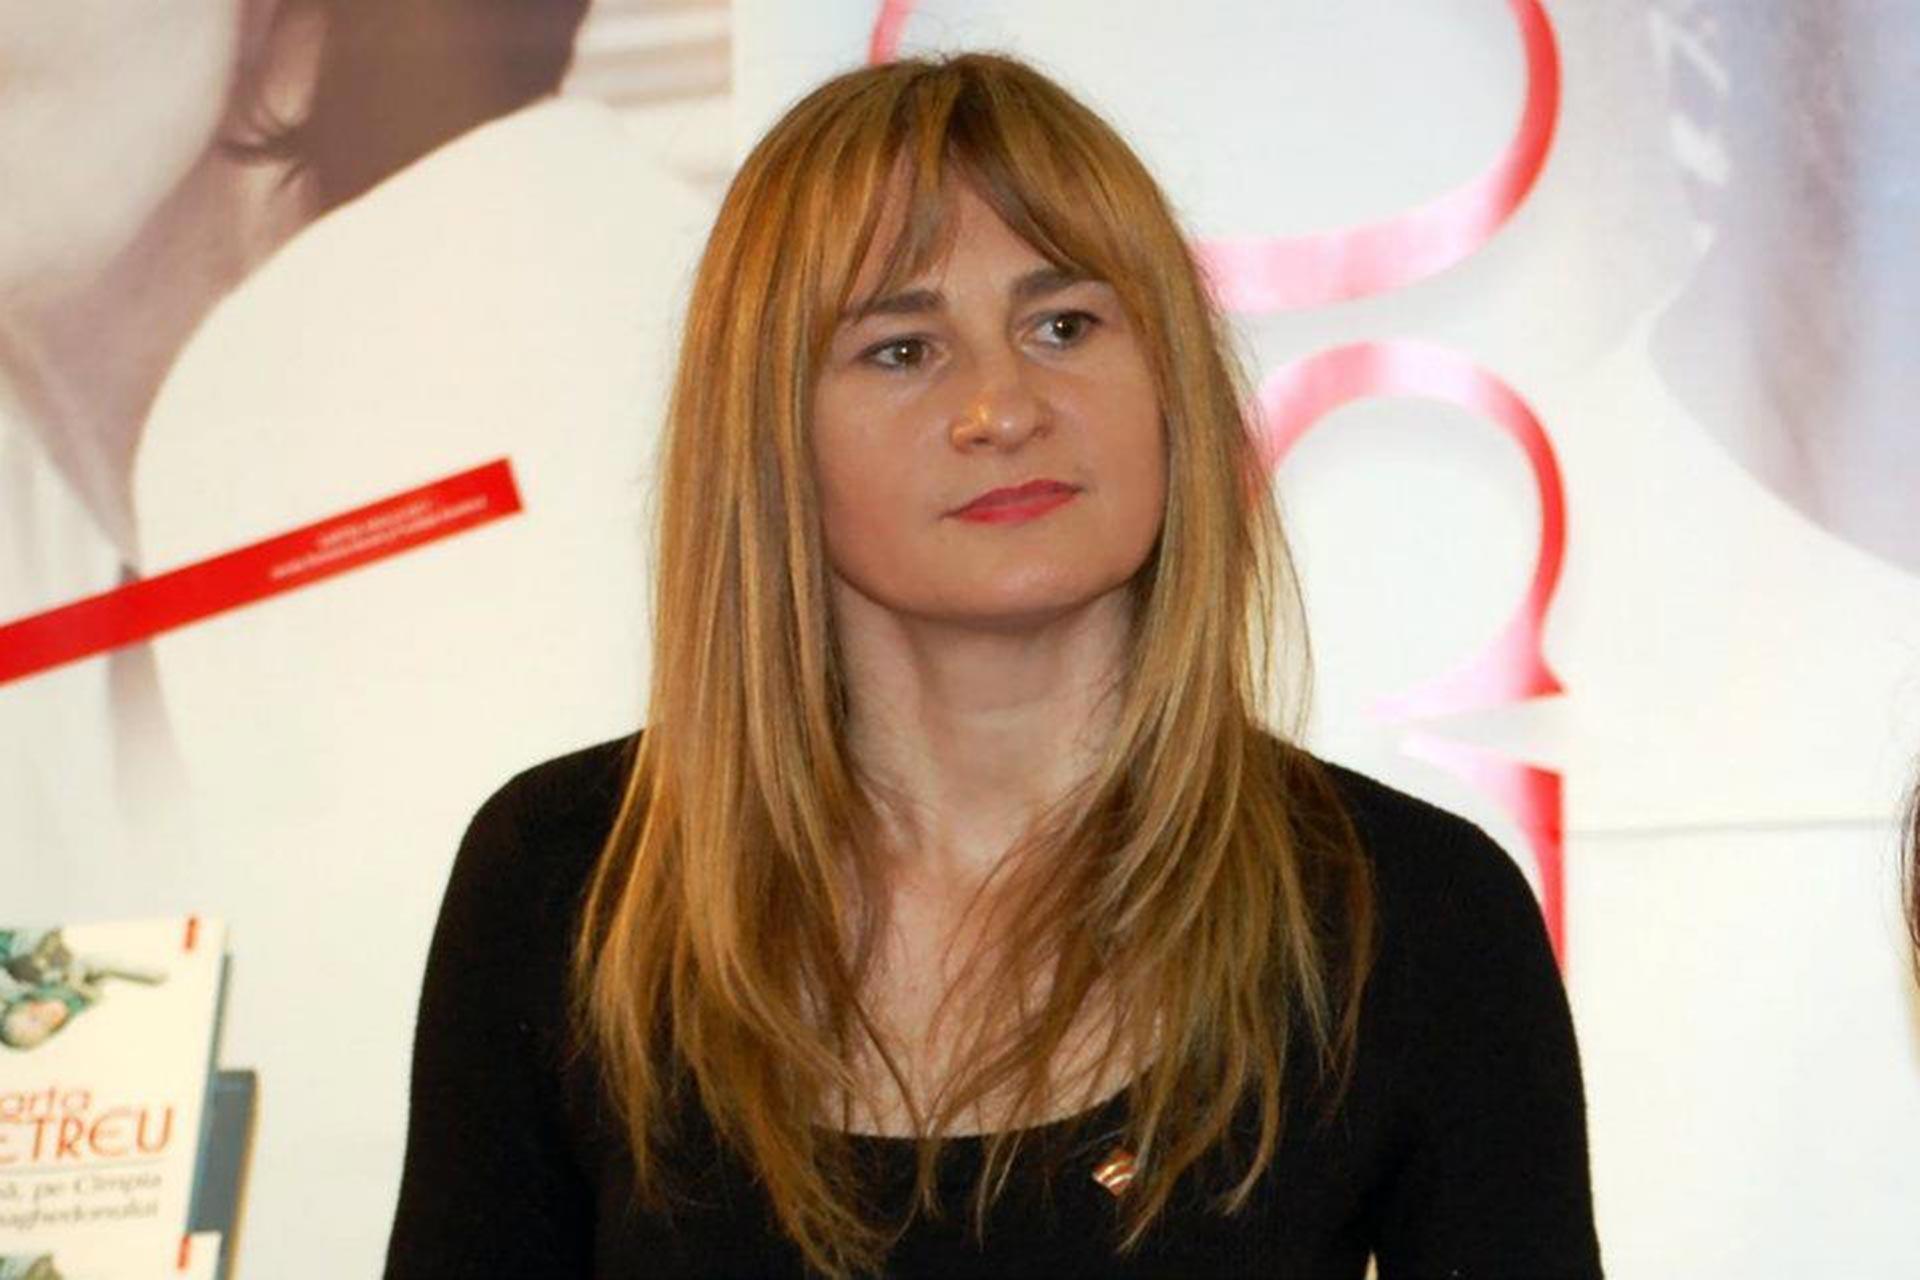 Romanyalı Şair Hanna Bota: Kültür farkı var ama şiir insanın özünden geliyor